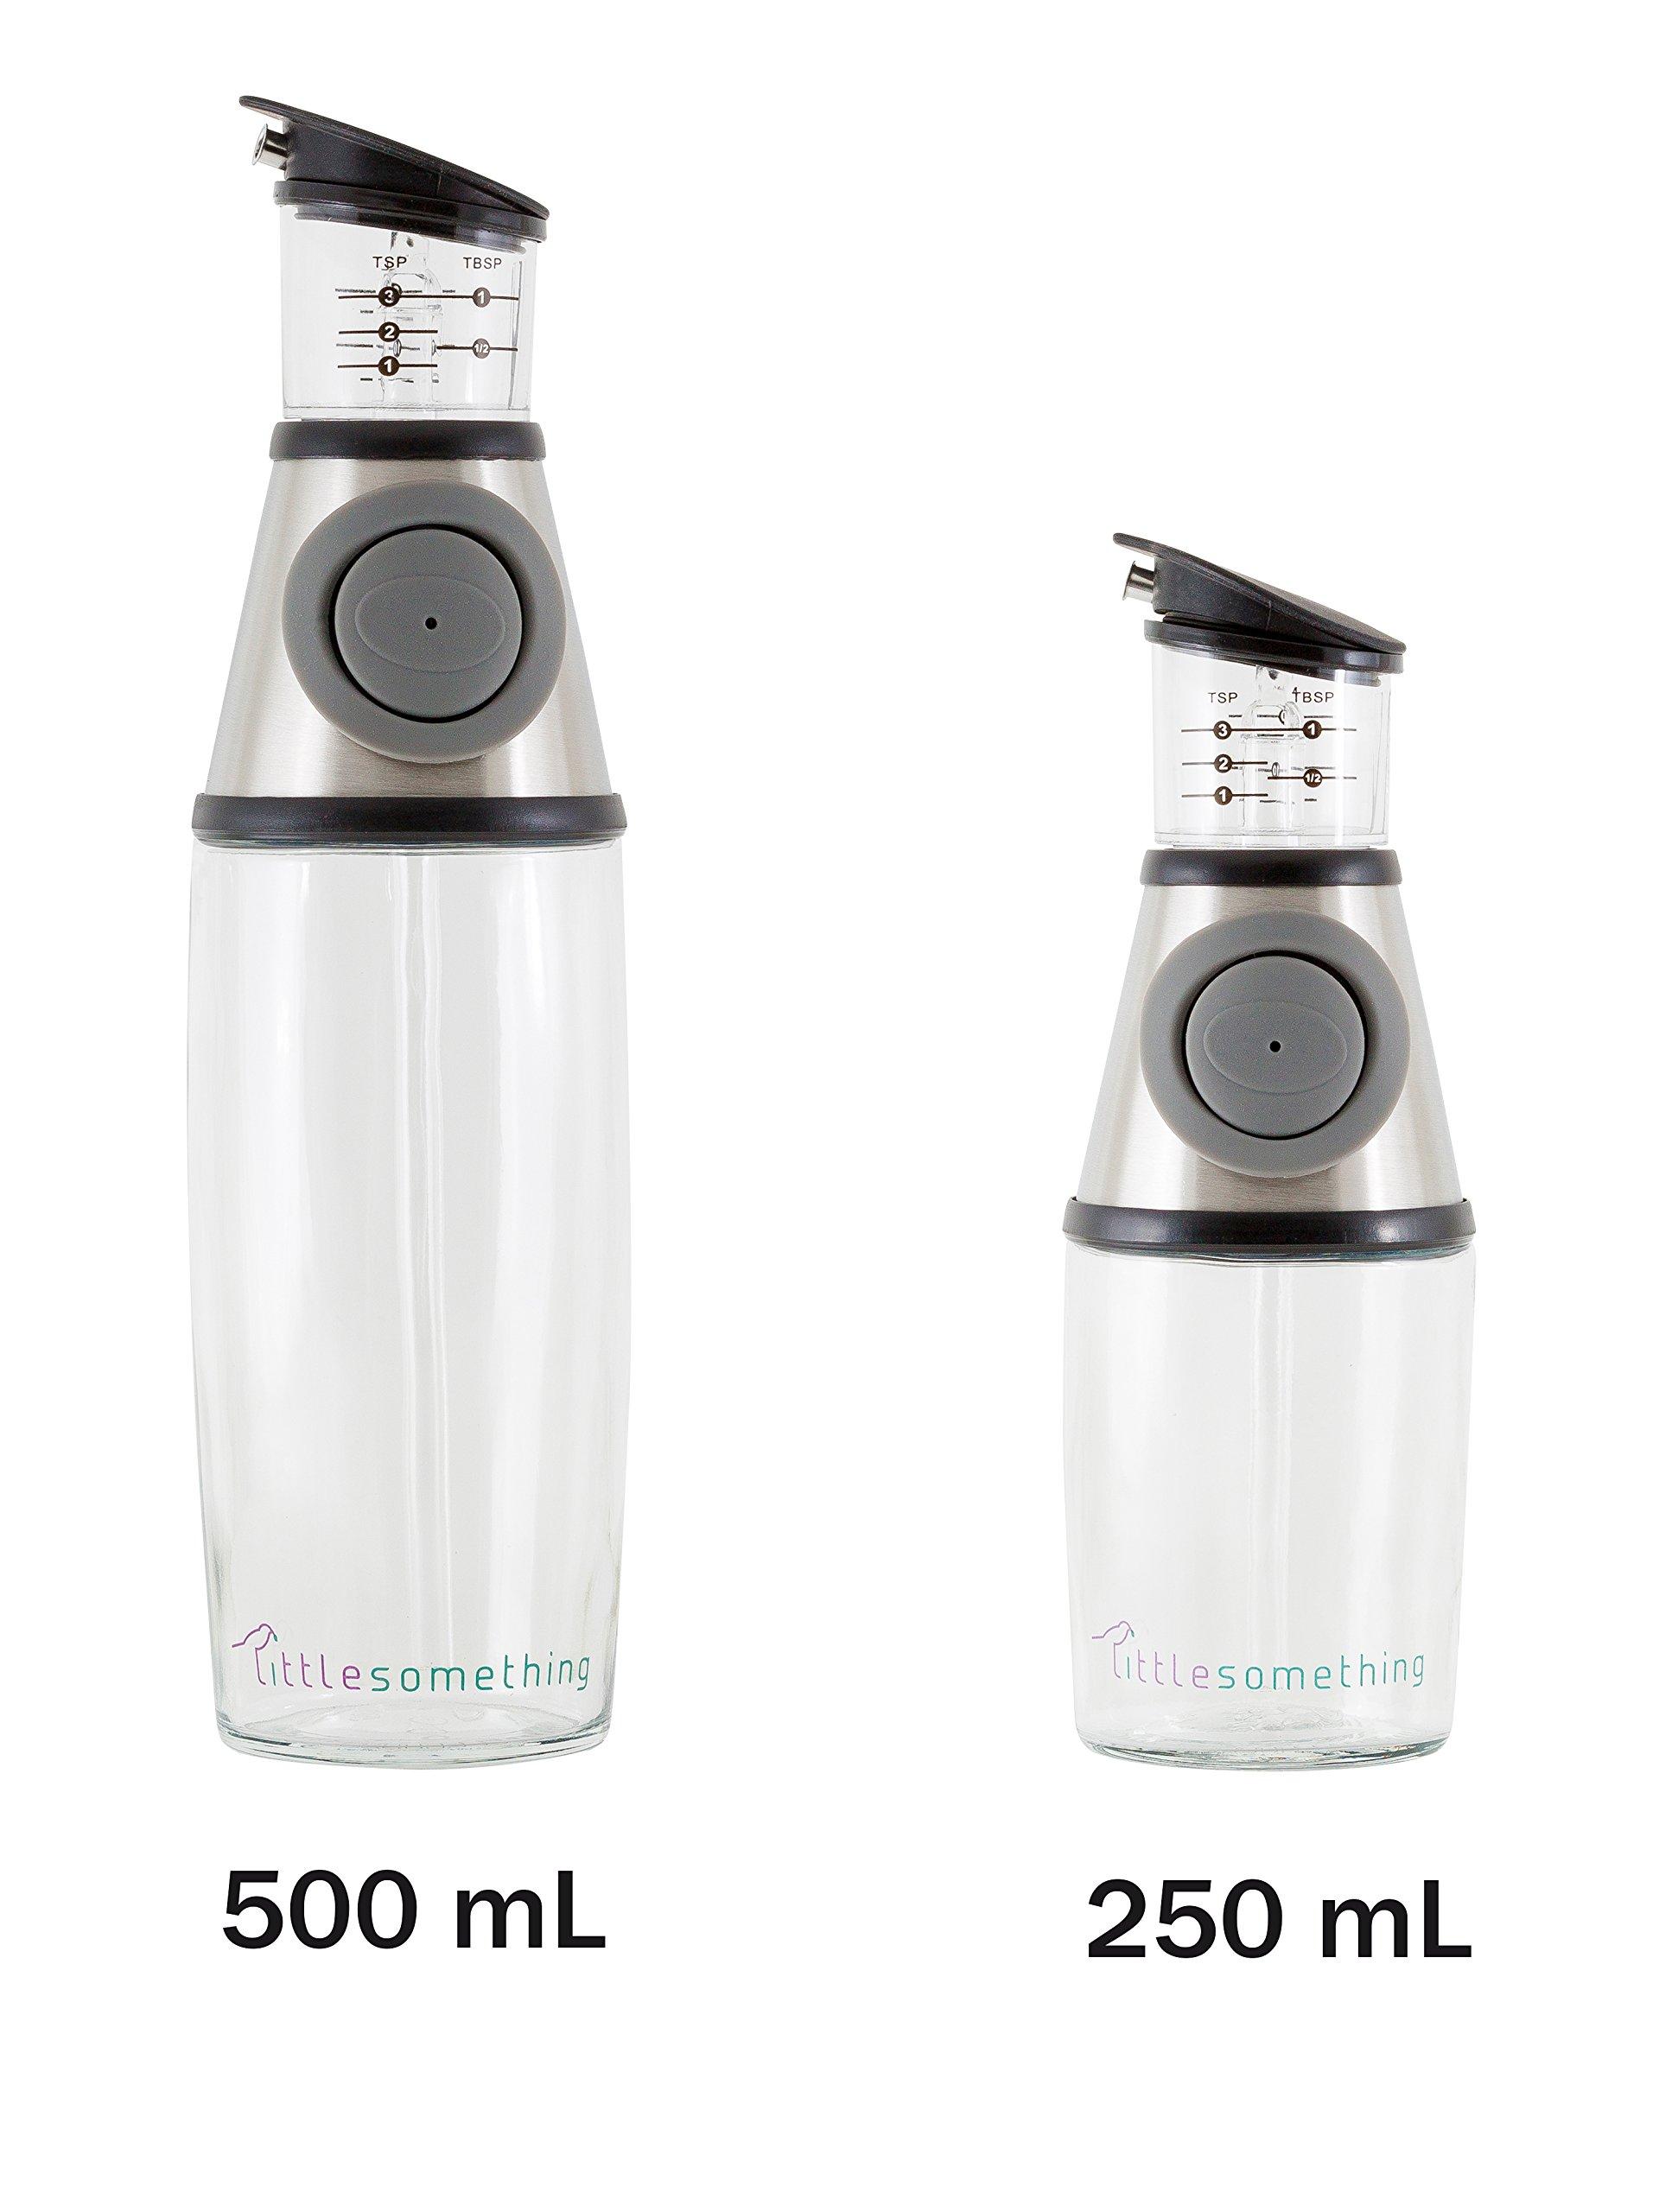 LittleSomething Olive Oil and Vinegar Dispenser - Glass Oil Bottle Non Drip 11 Ounce - Measuring Oil Pourer for Kitchen - Stainless Steel Silver